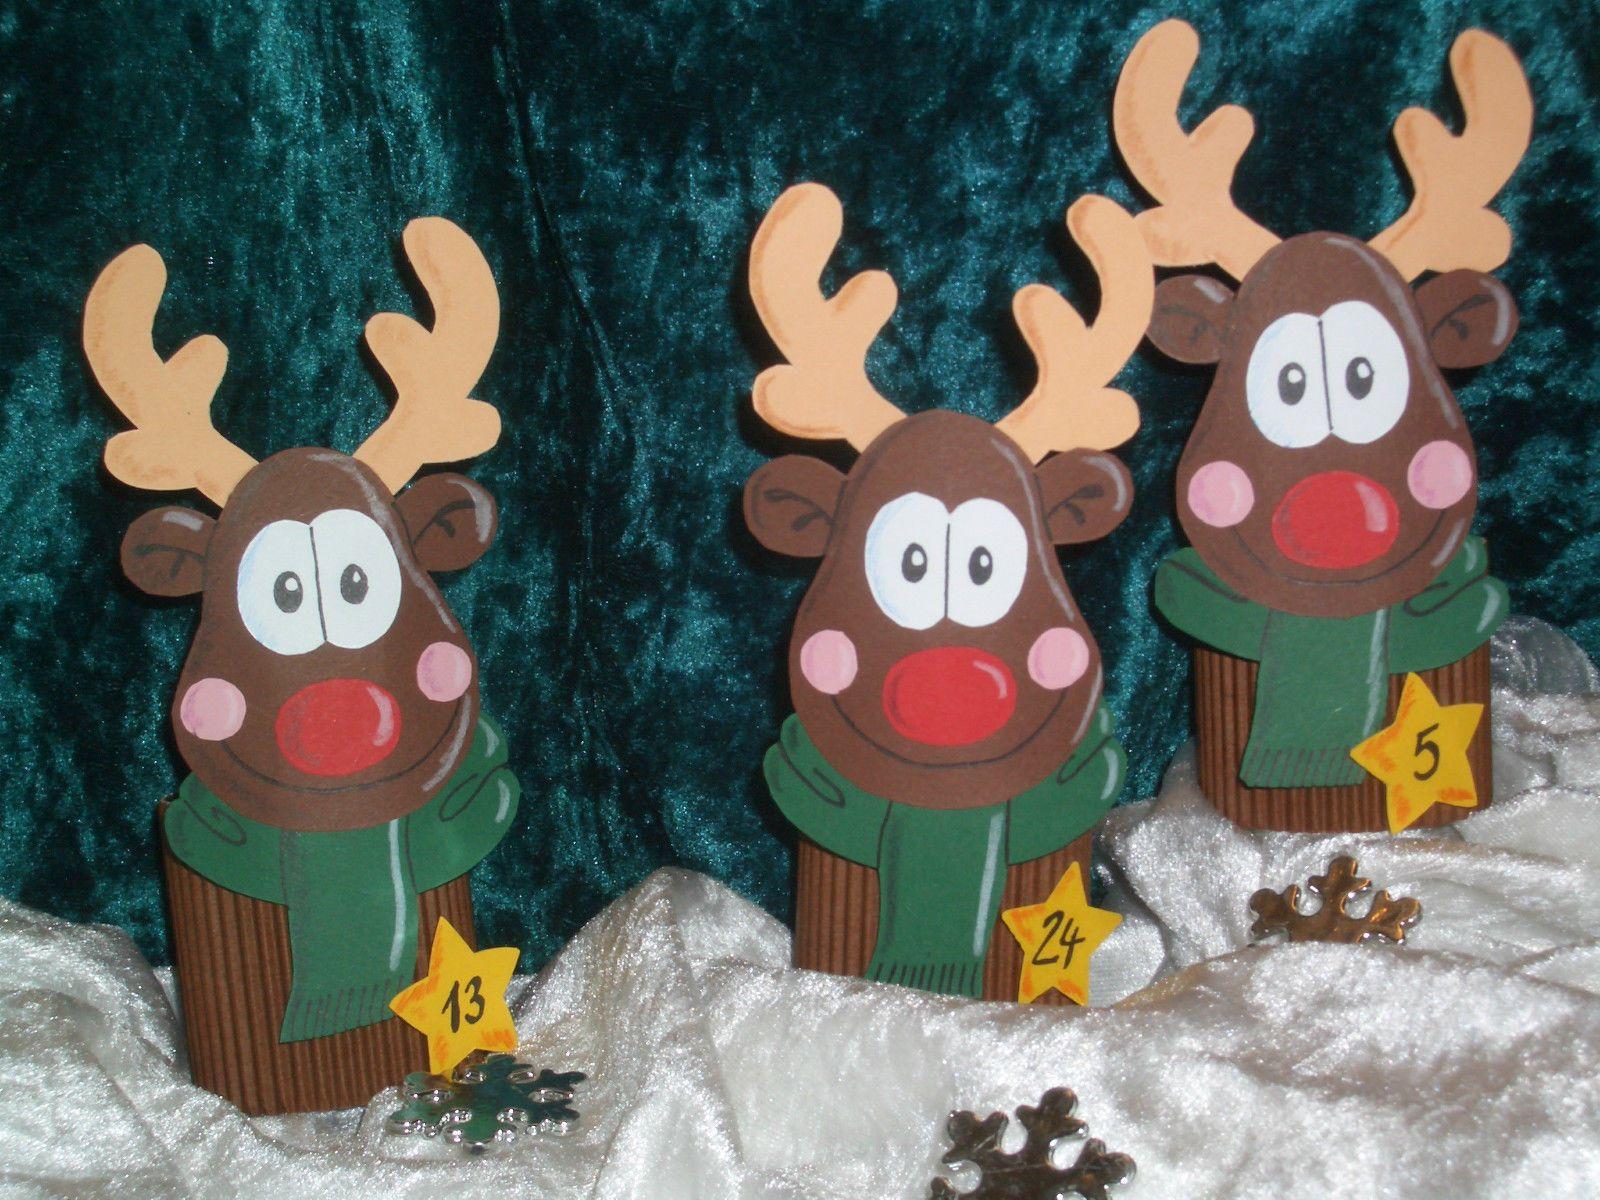 bastelset bastelpackung adventskalender weihnachtskalender. Black Bedroom Furniture Sets. Home Design Ideas